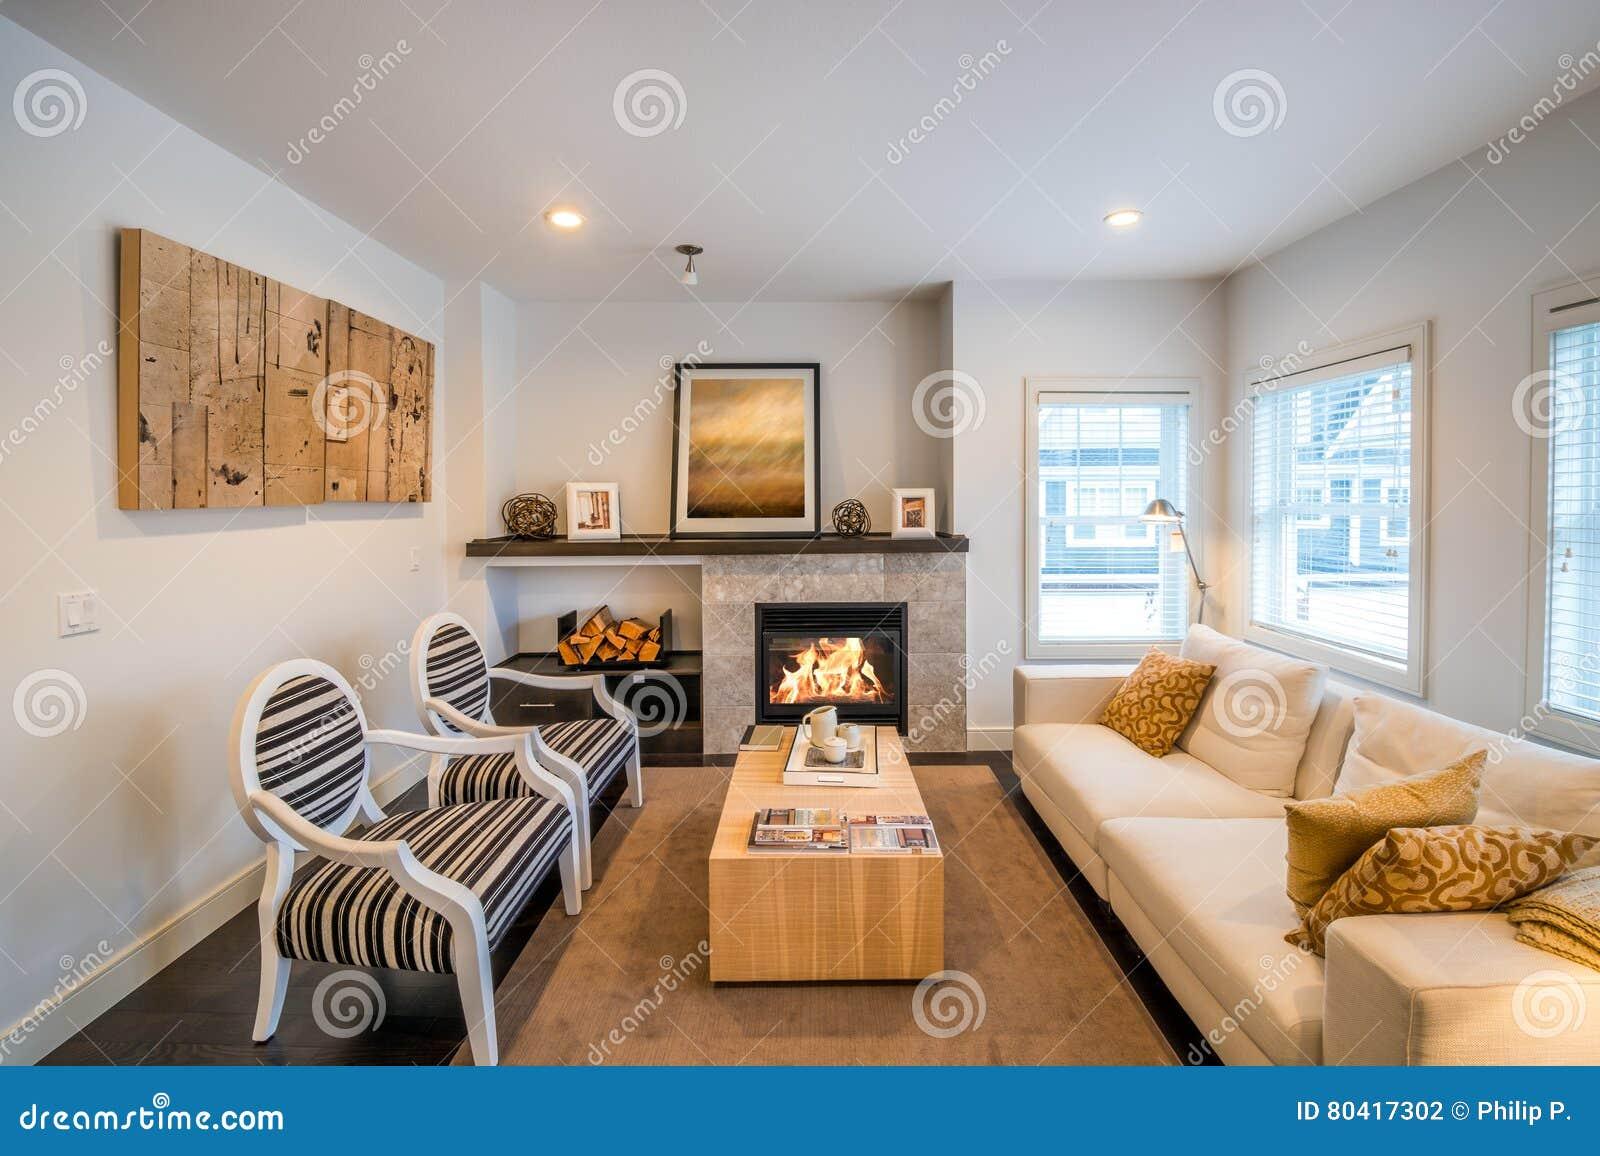 Helles Luxuswohnzimmer Mit Einem Kamin Stockfoto Bild Von Helles Kamin 80417302